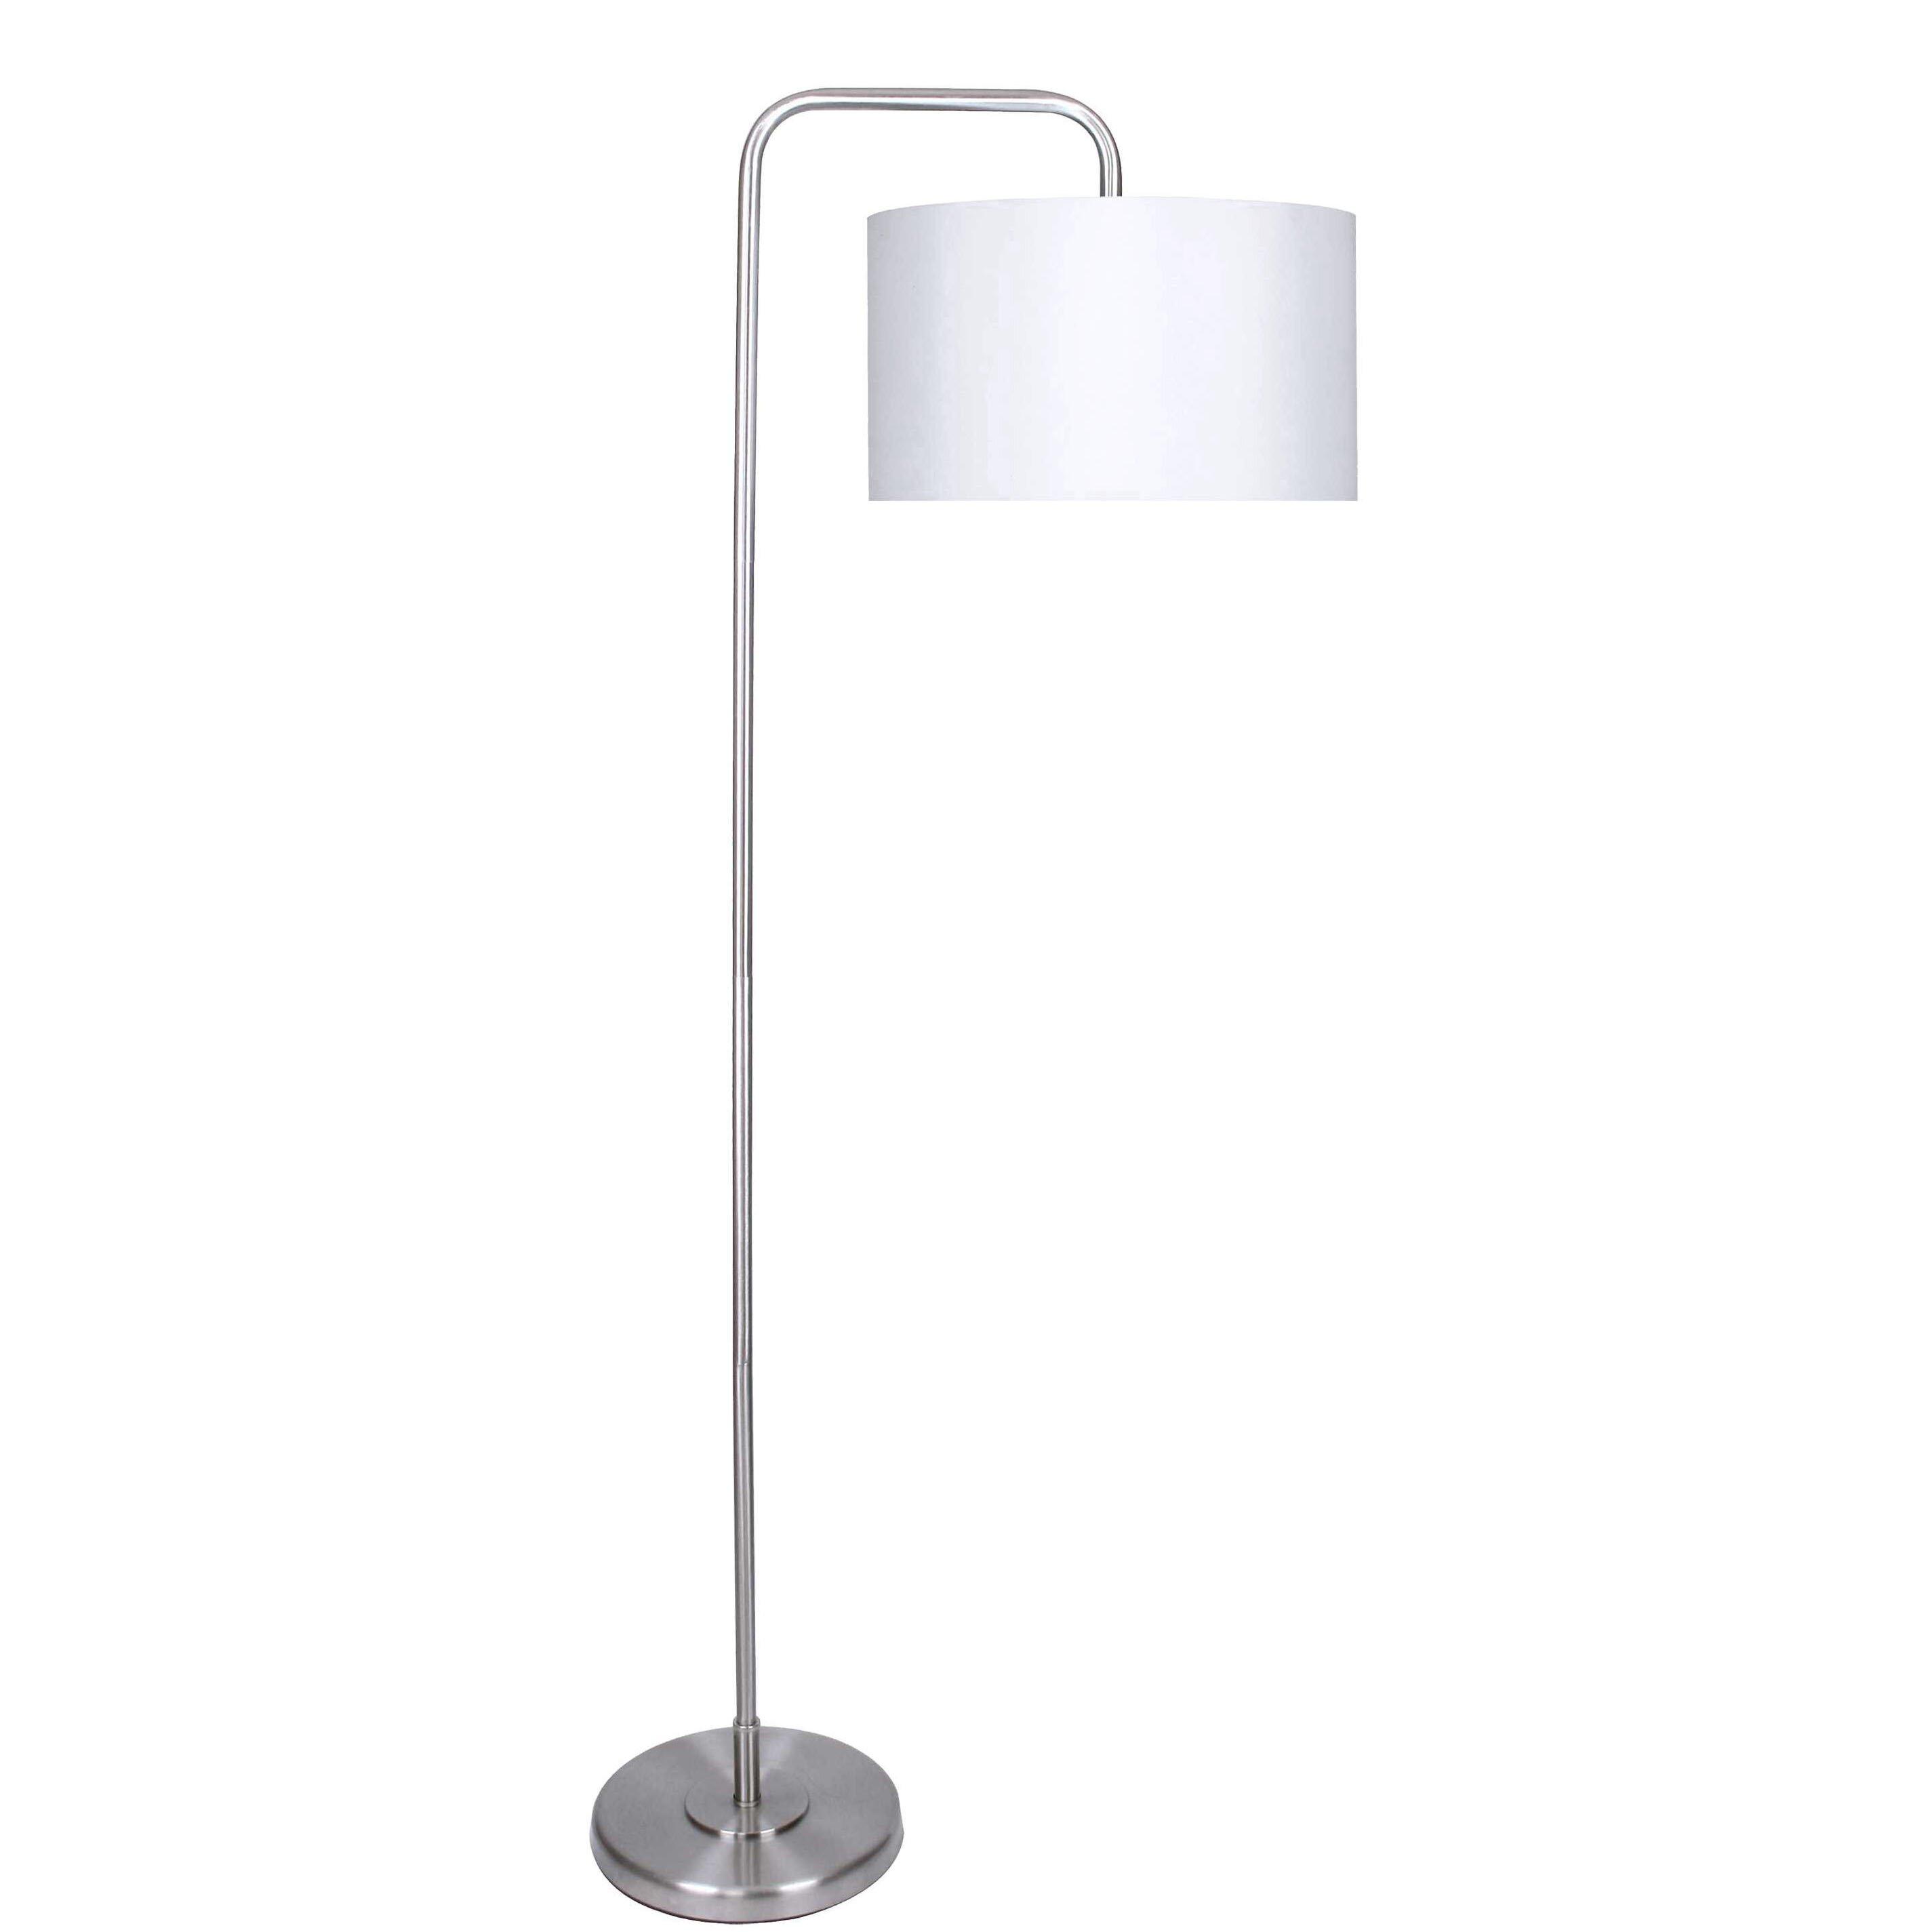 Floor Lamps Youll Love – Chandelier Floor Lamp Closeout